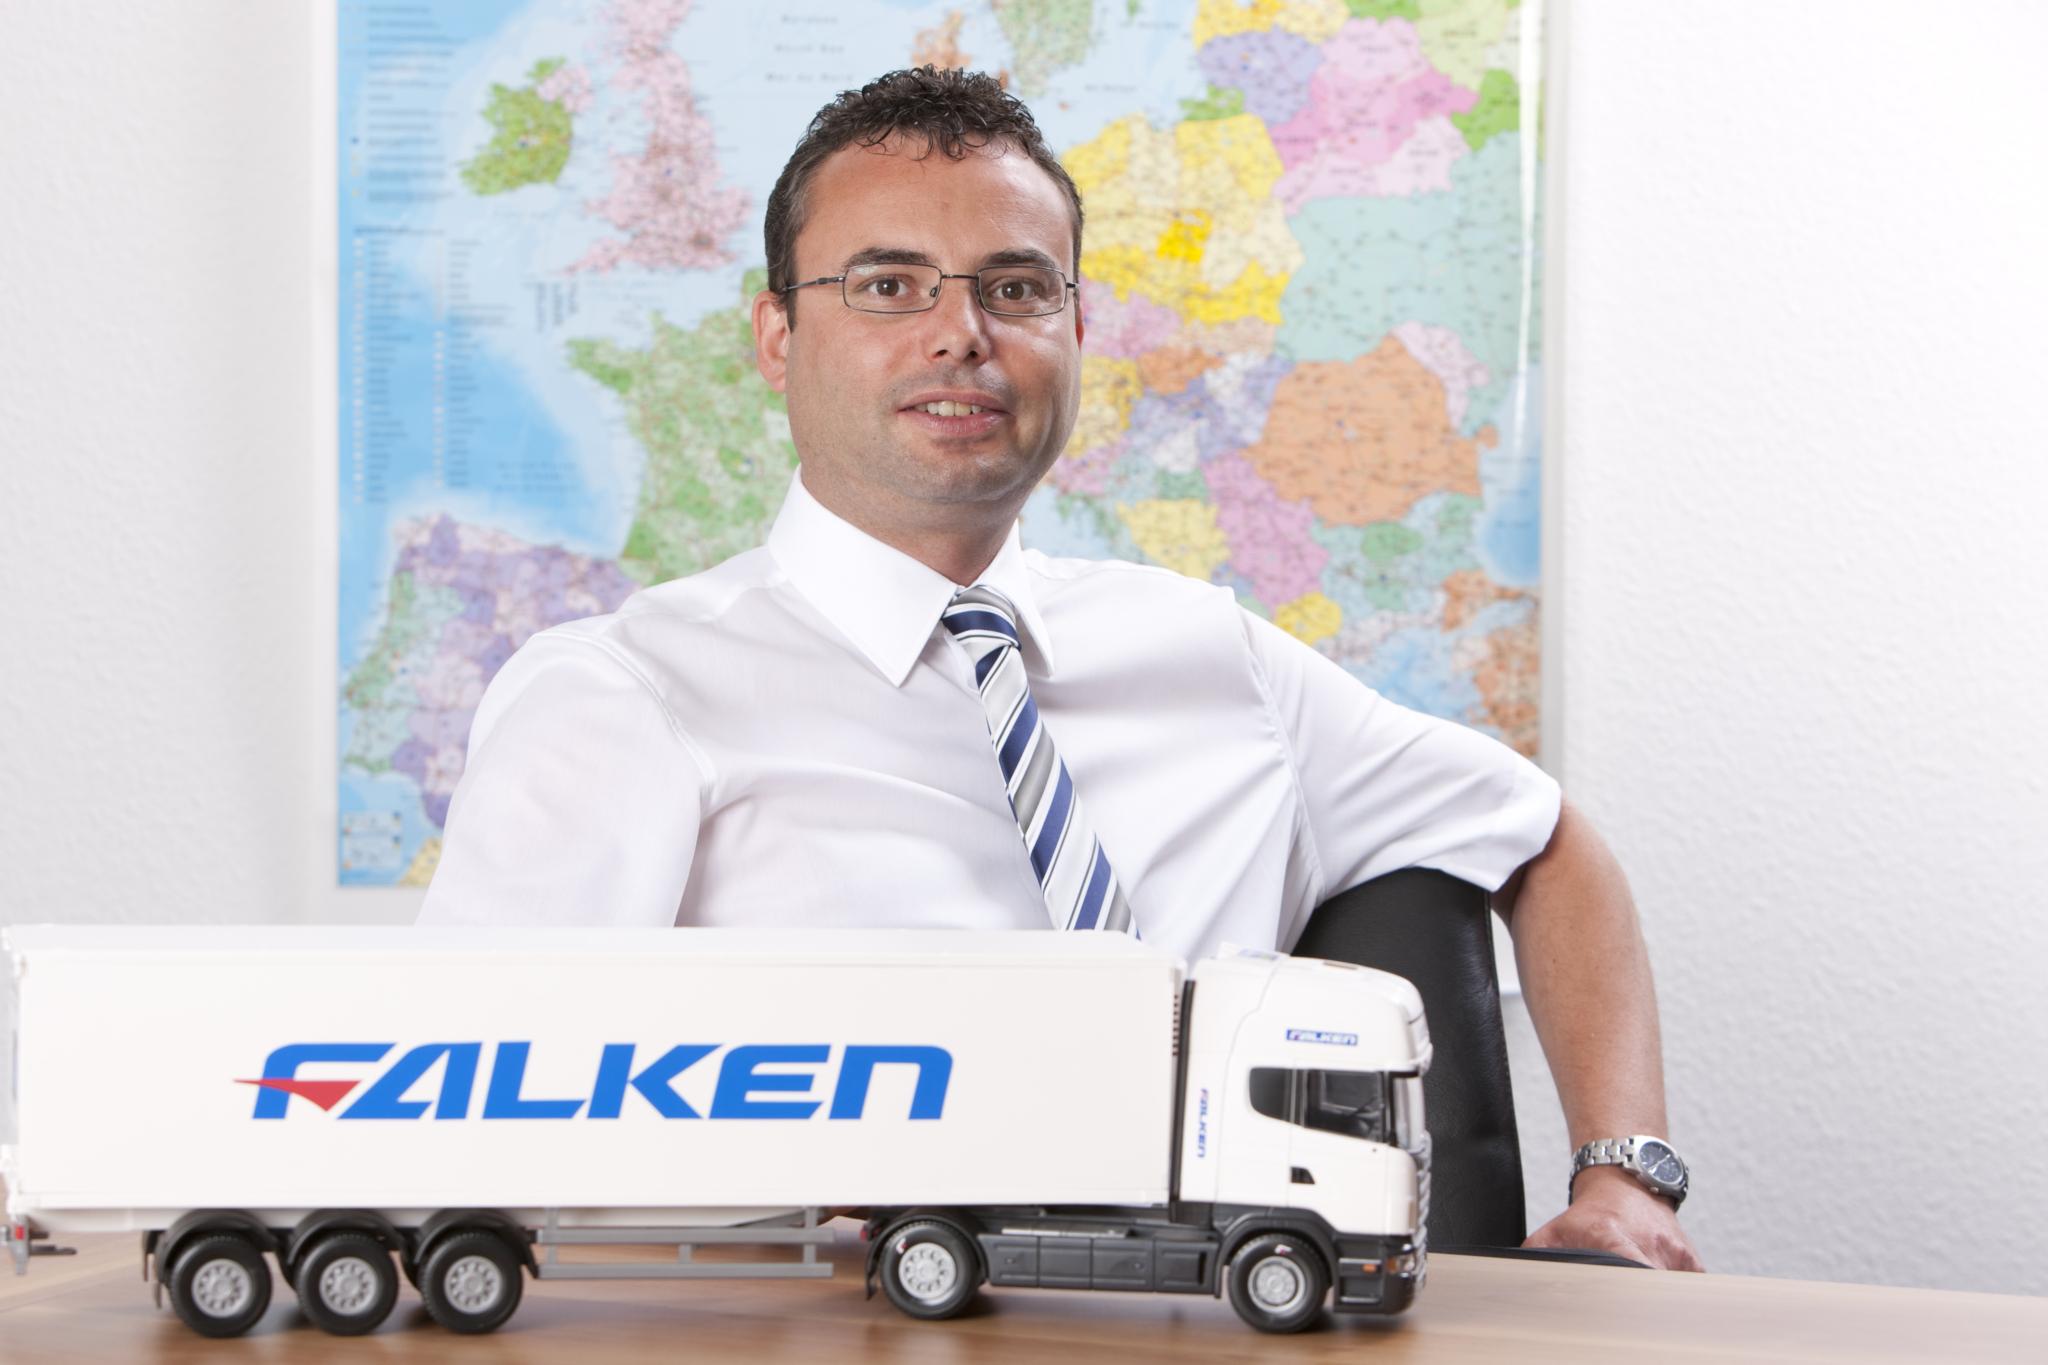 Falken 'begins to see positive changes' after lockdown measures